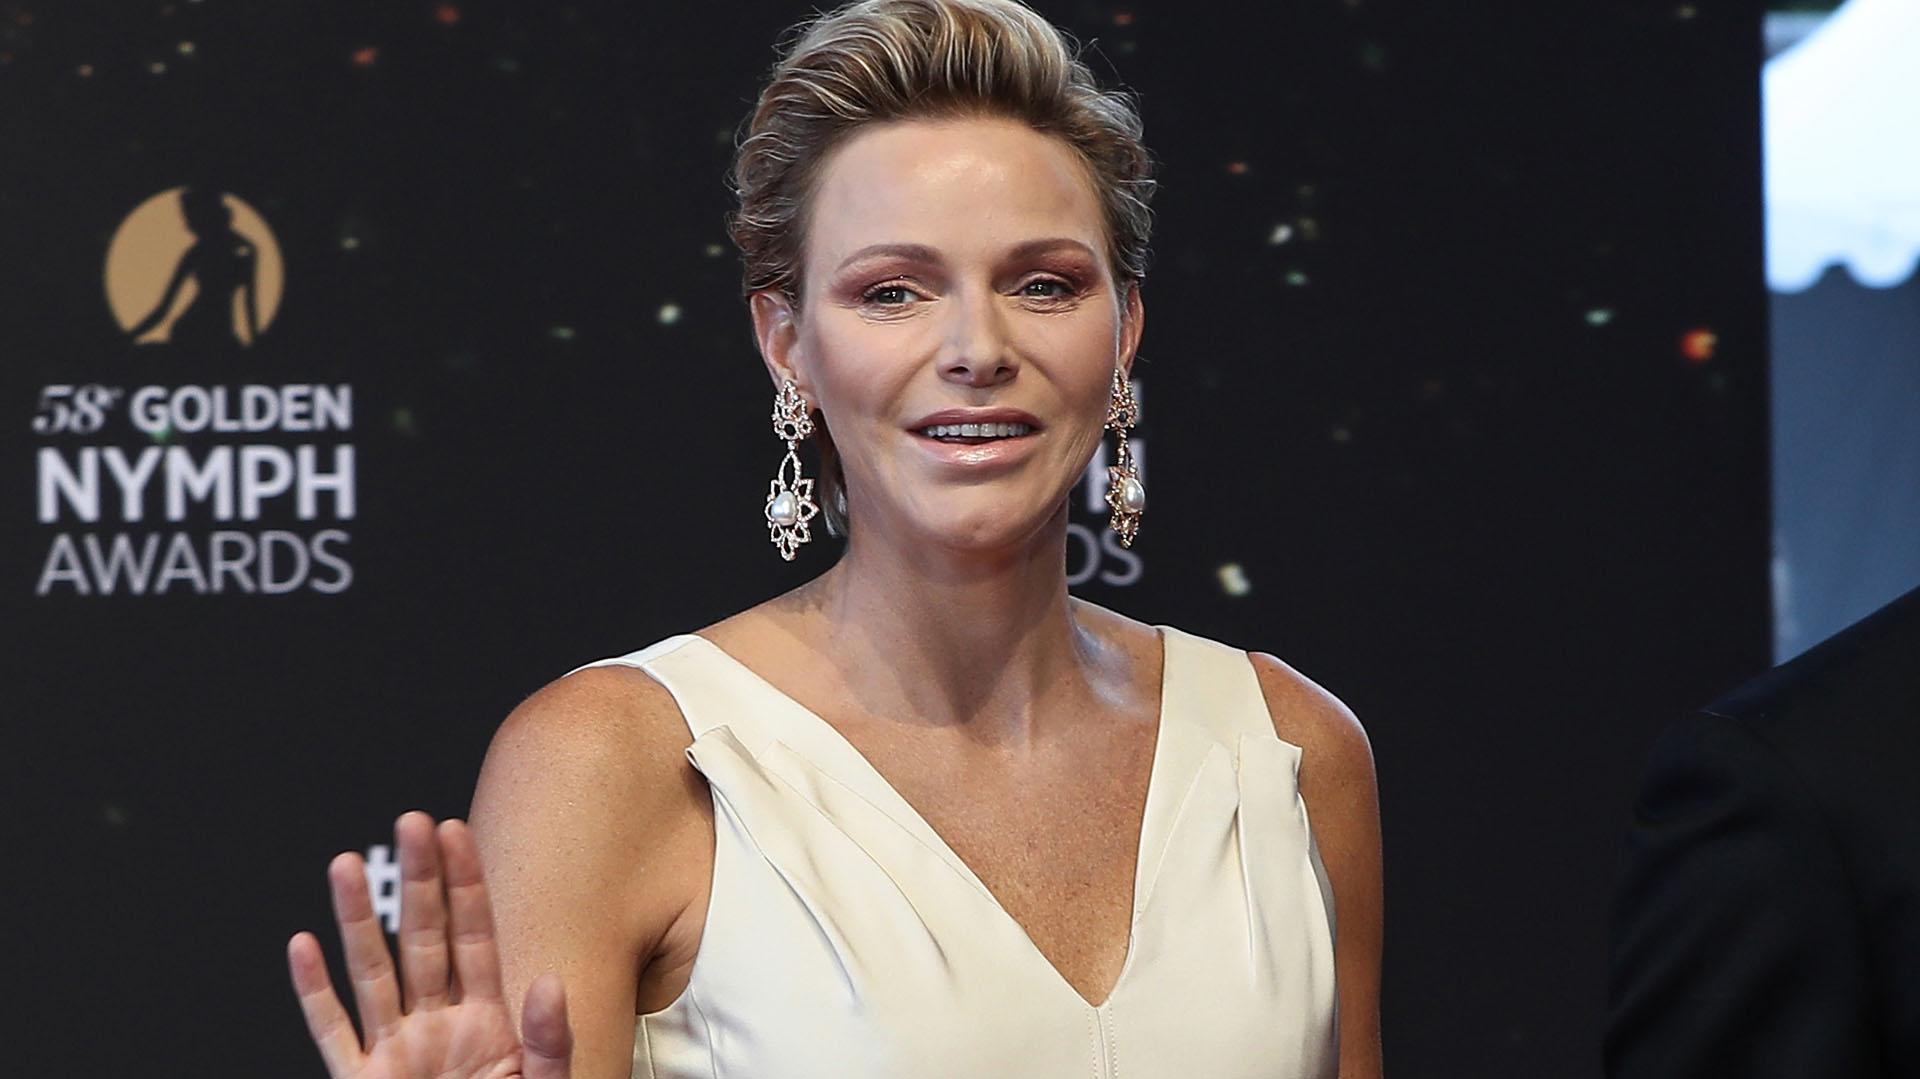 Los elegantes pendientes con grandes perlas completaron su estilismo